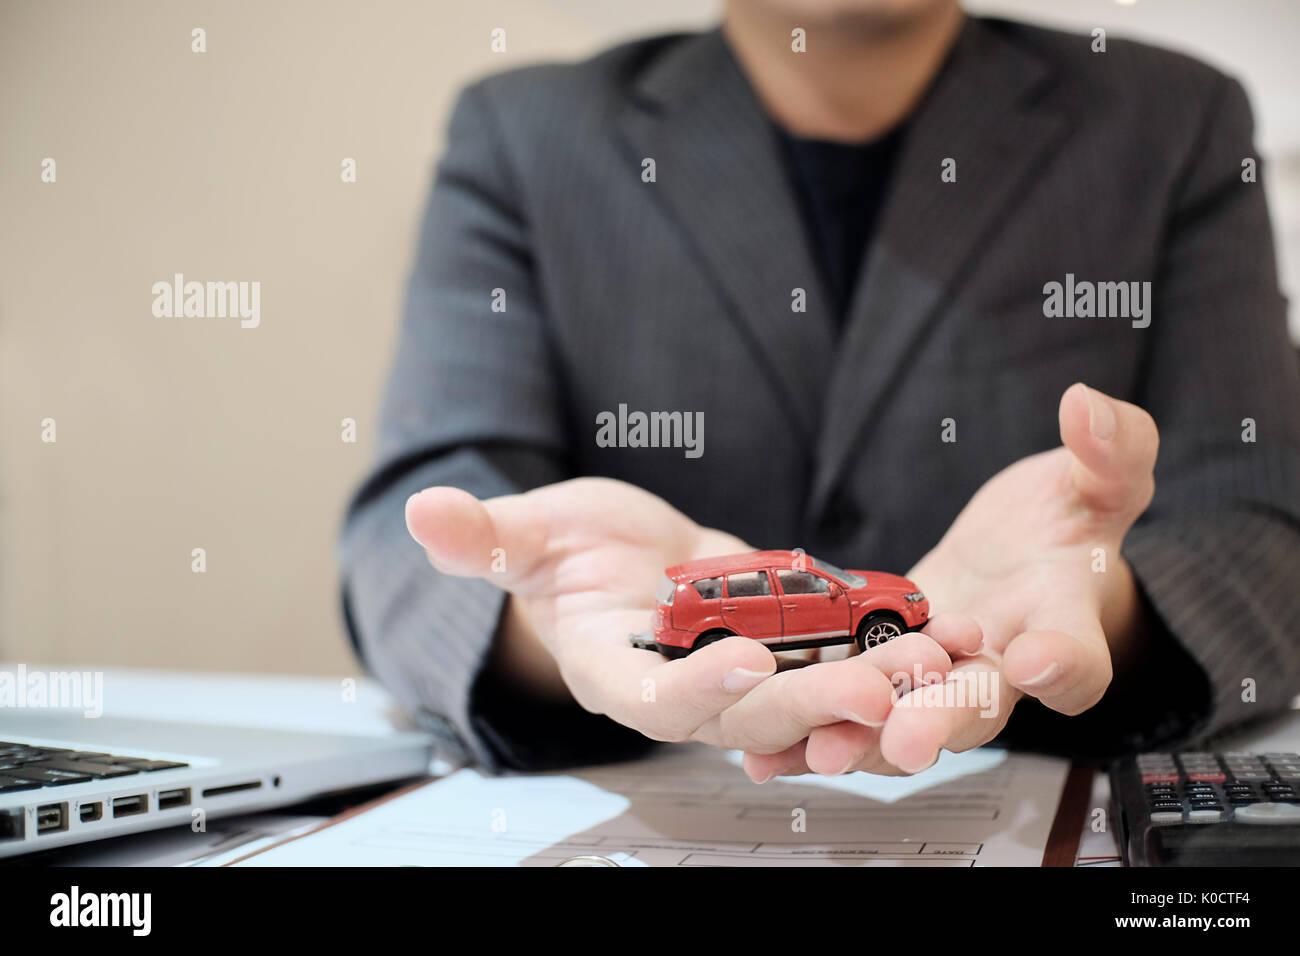 Vendre une voiture d'homme présent dans la salle d'exposition, vente voiture concept. Photo Stock